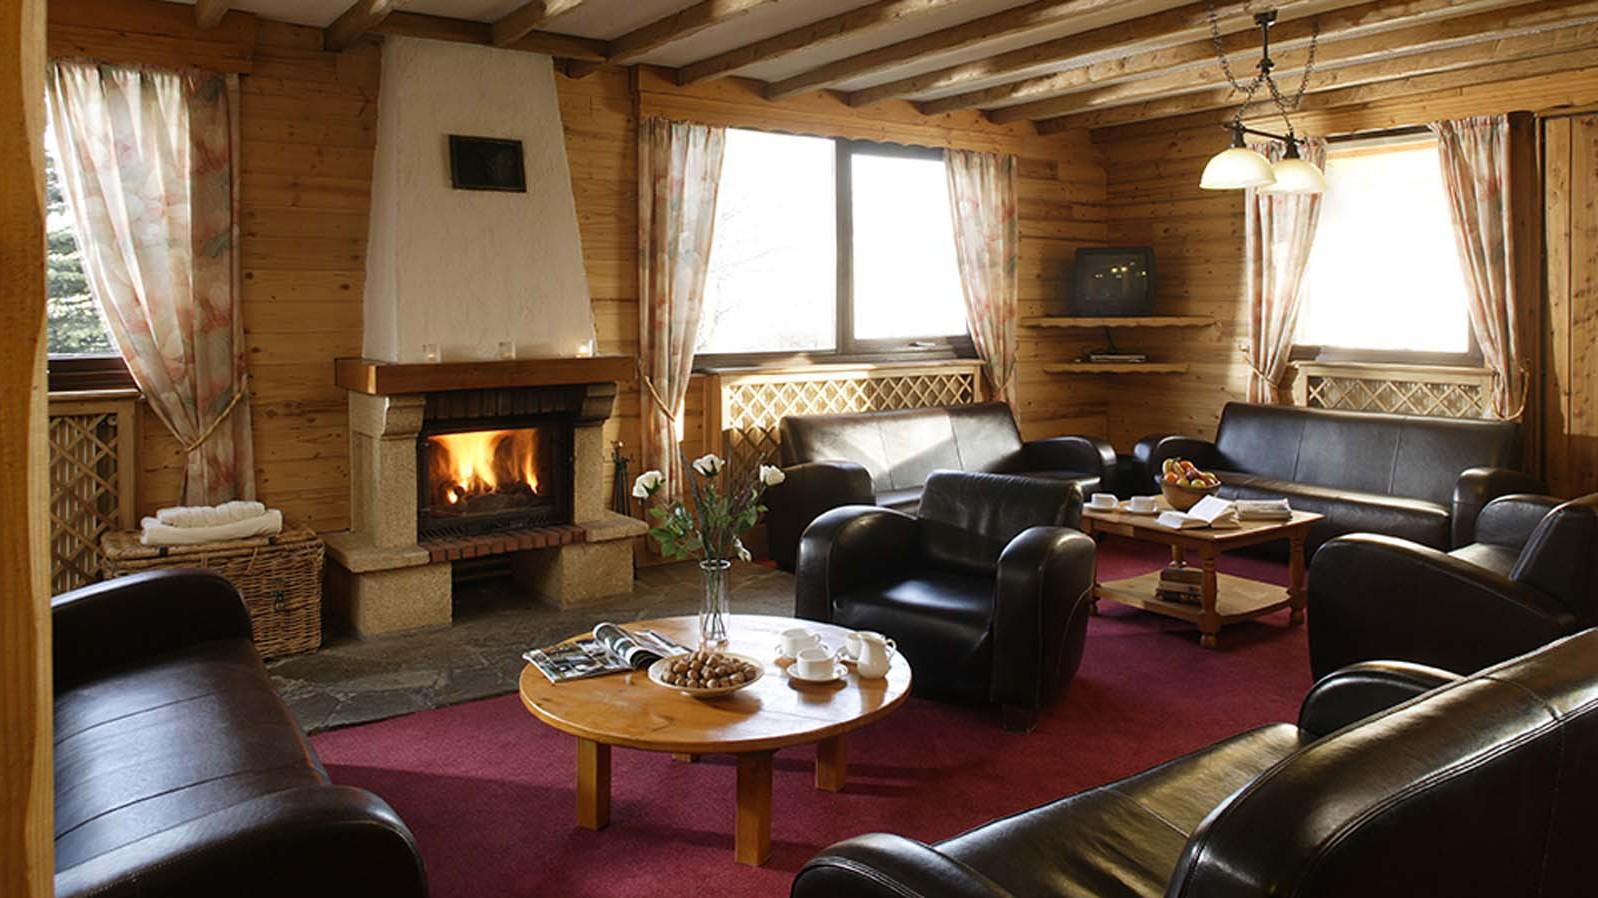 Chalet Les Eterlous int lounge, Alpe D'huez